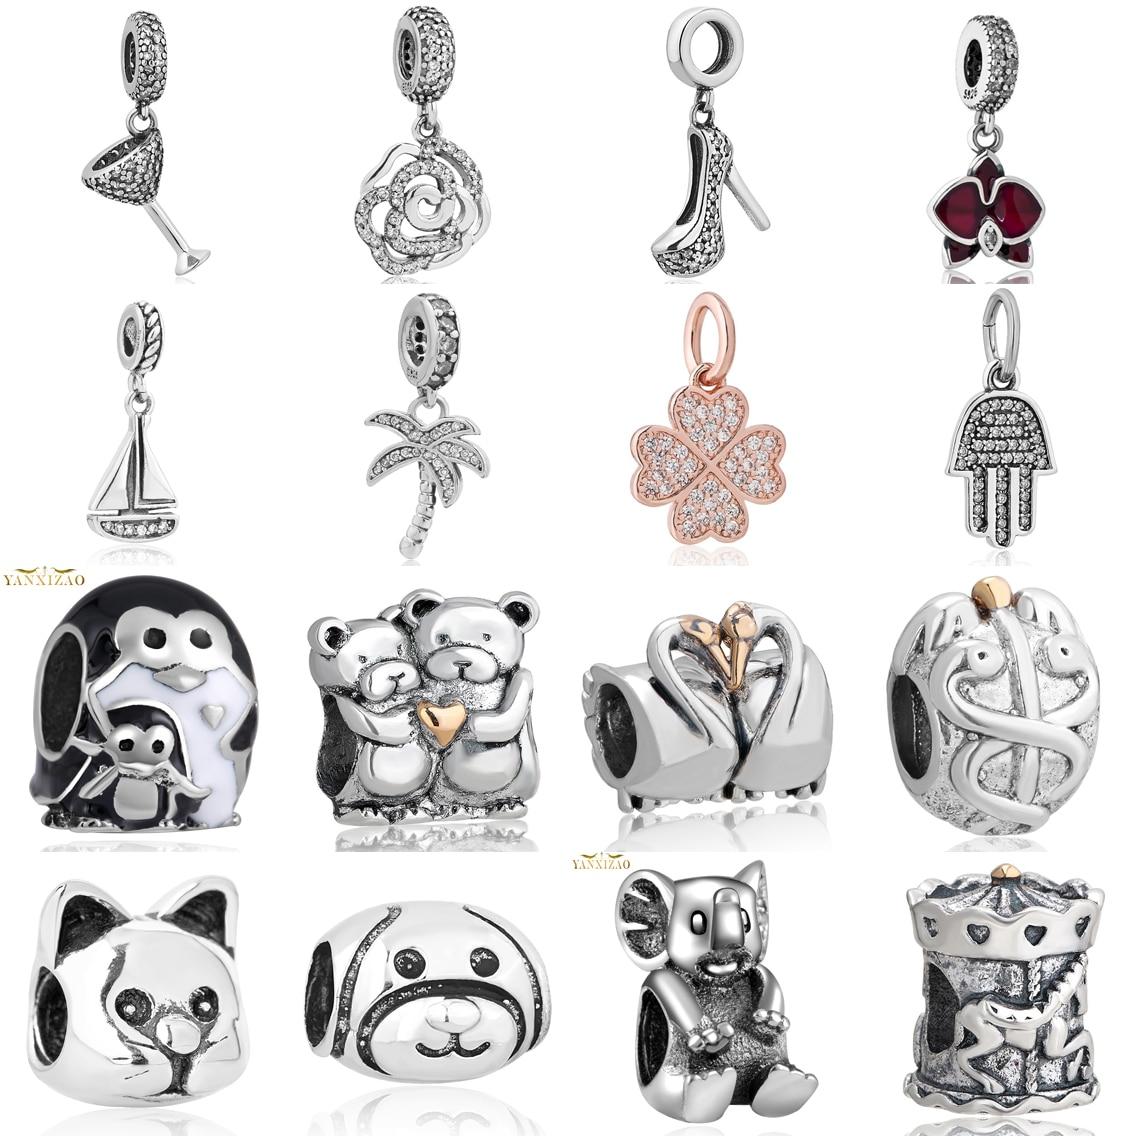 hot stříbro evropské kubické zirkony kouzlo korálky fit pandora styl náramek přívěsek náhrdelník kutilství šperky originály